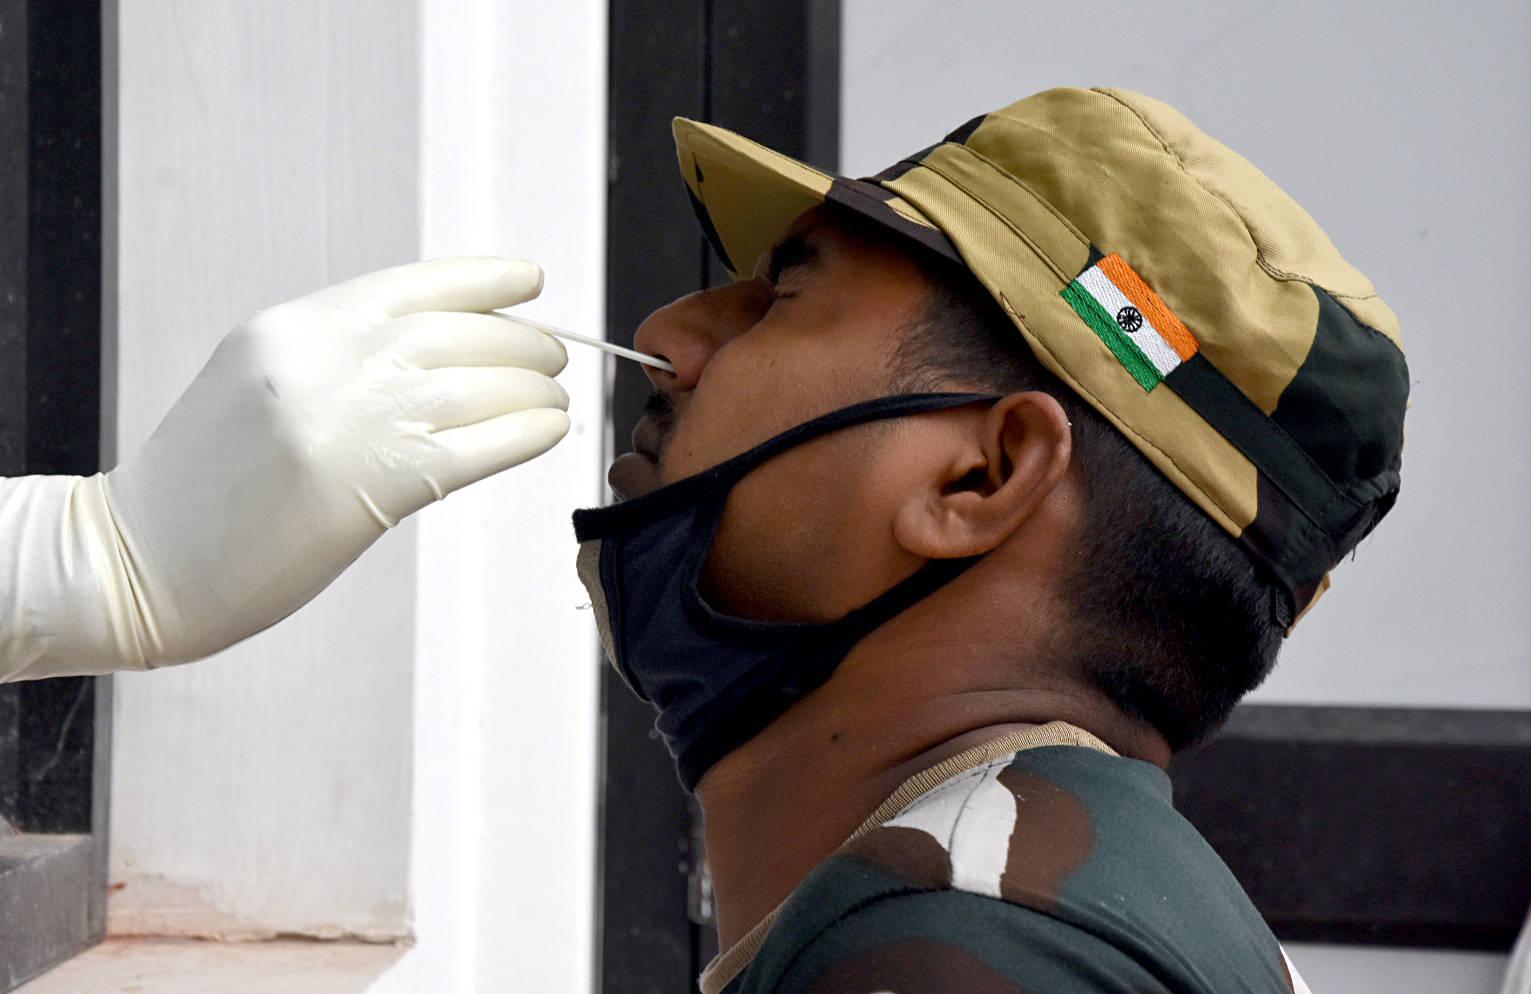 湖北楚剧印度边境安全部队101人确诊感染